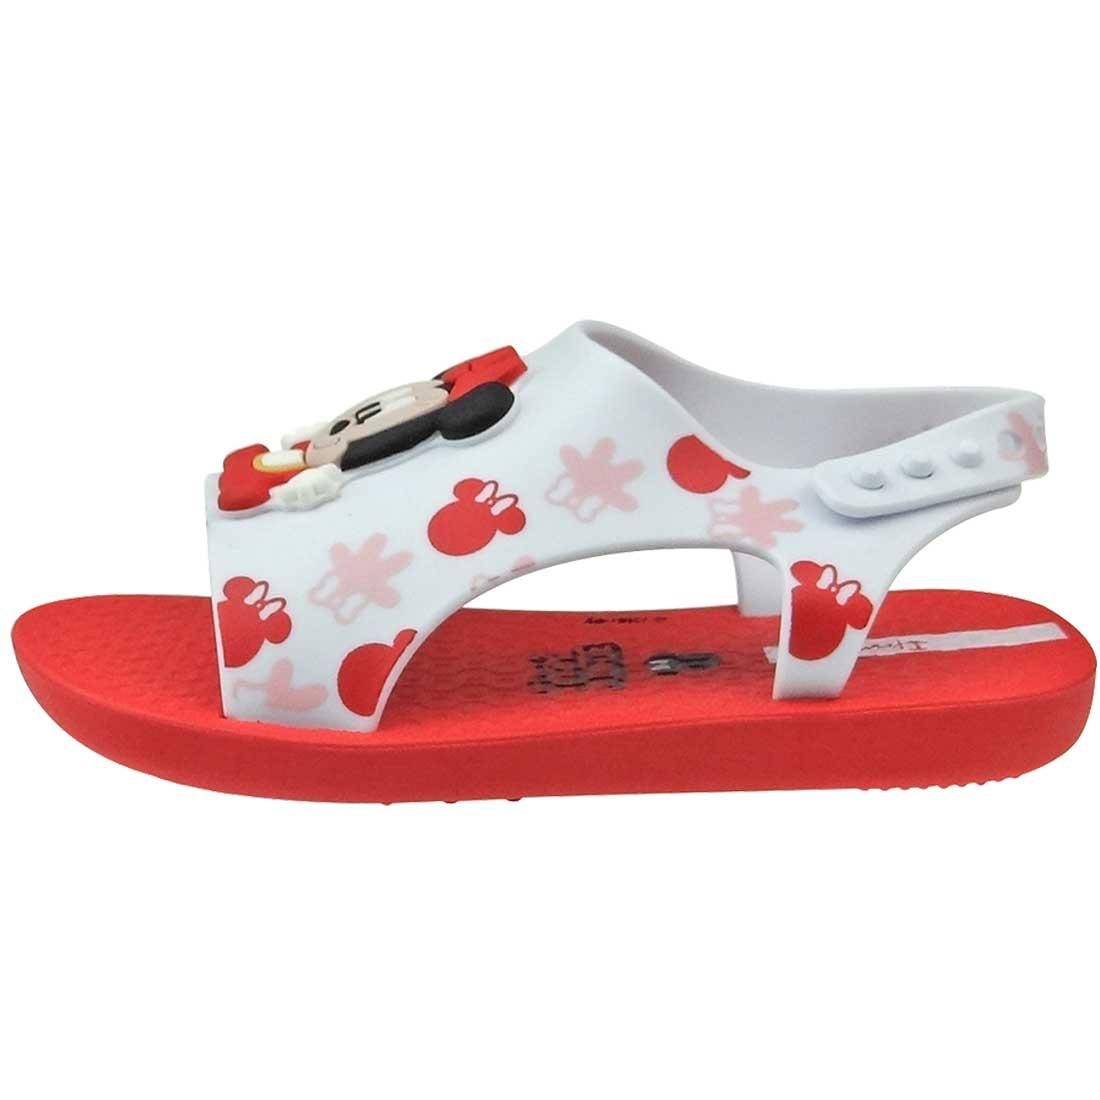 Sandália Baby Love Disney - Branco e Vermelho